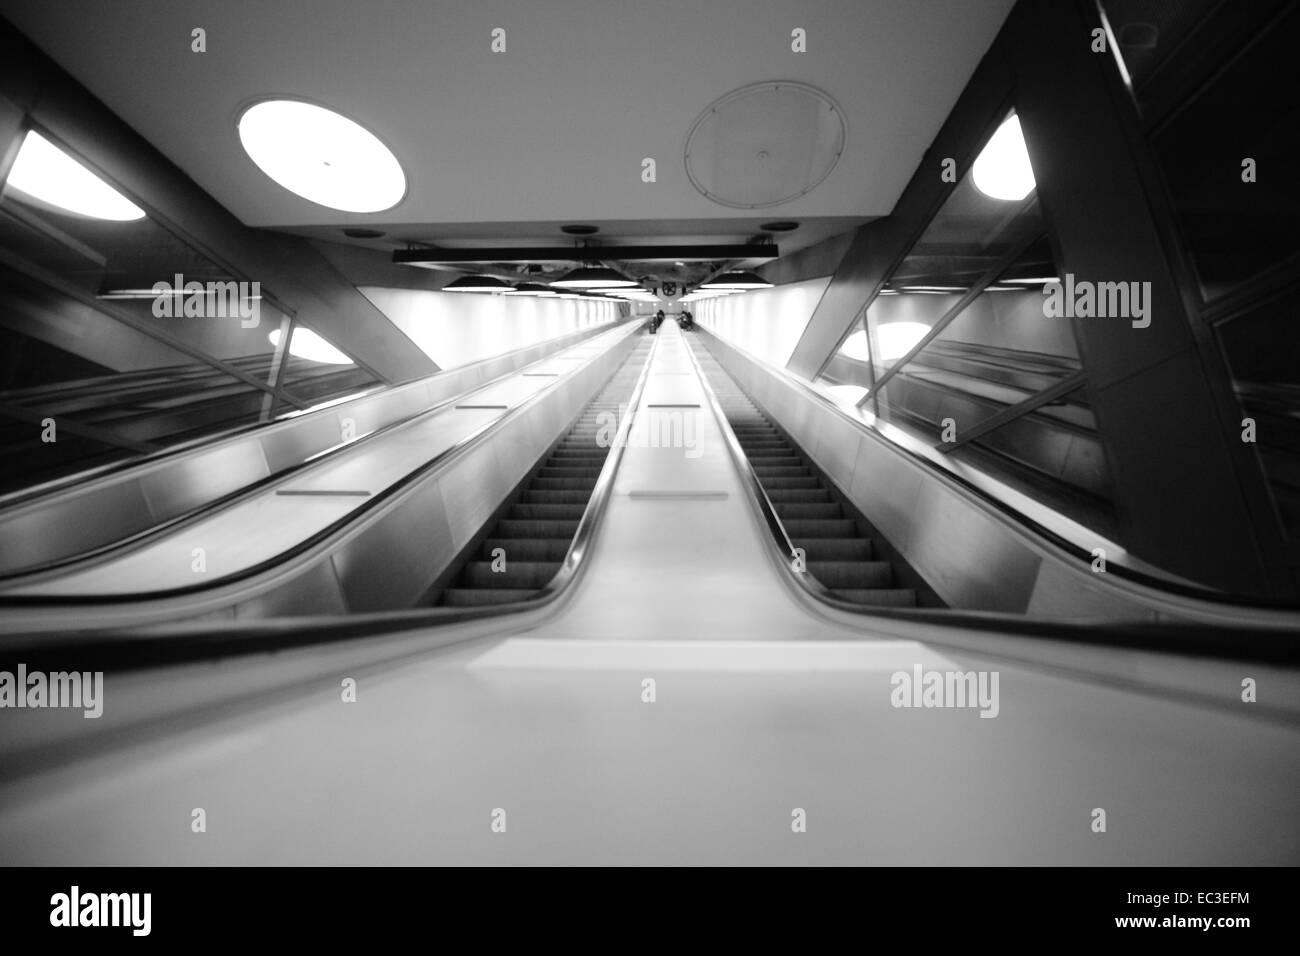 Escalator, airport Atlante, Sweden Stock Photo